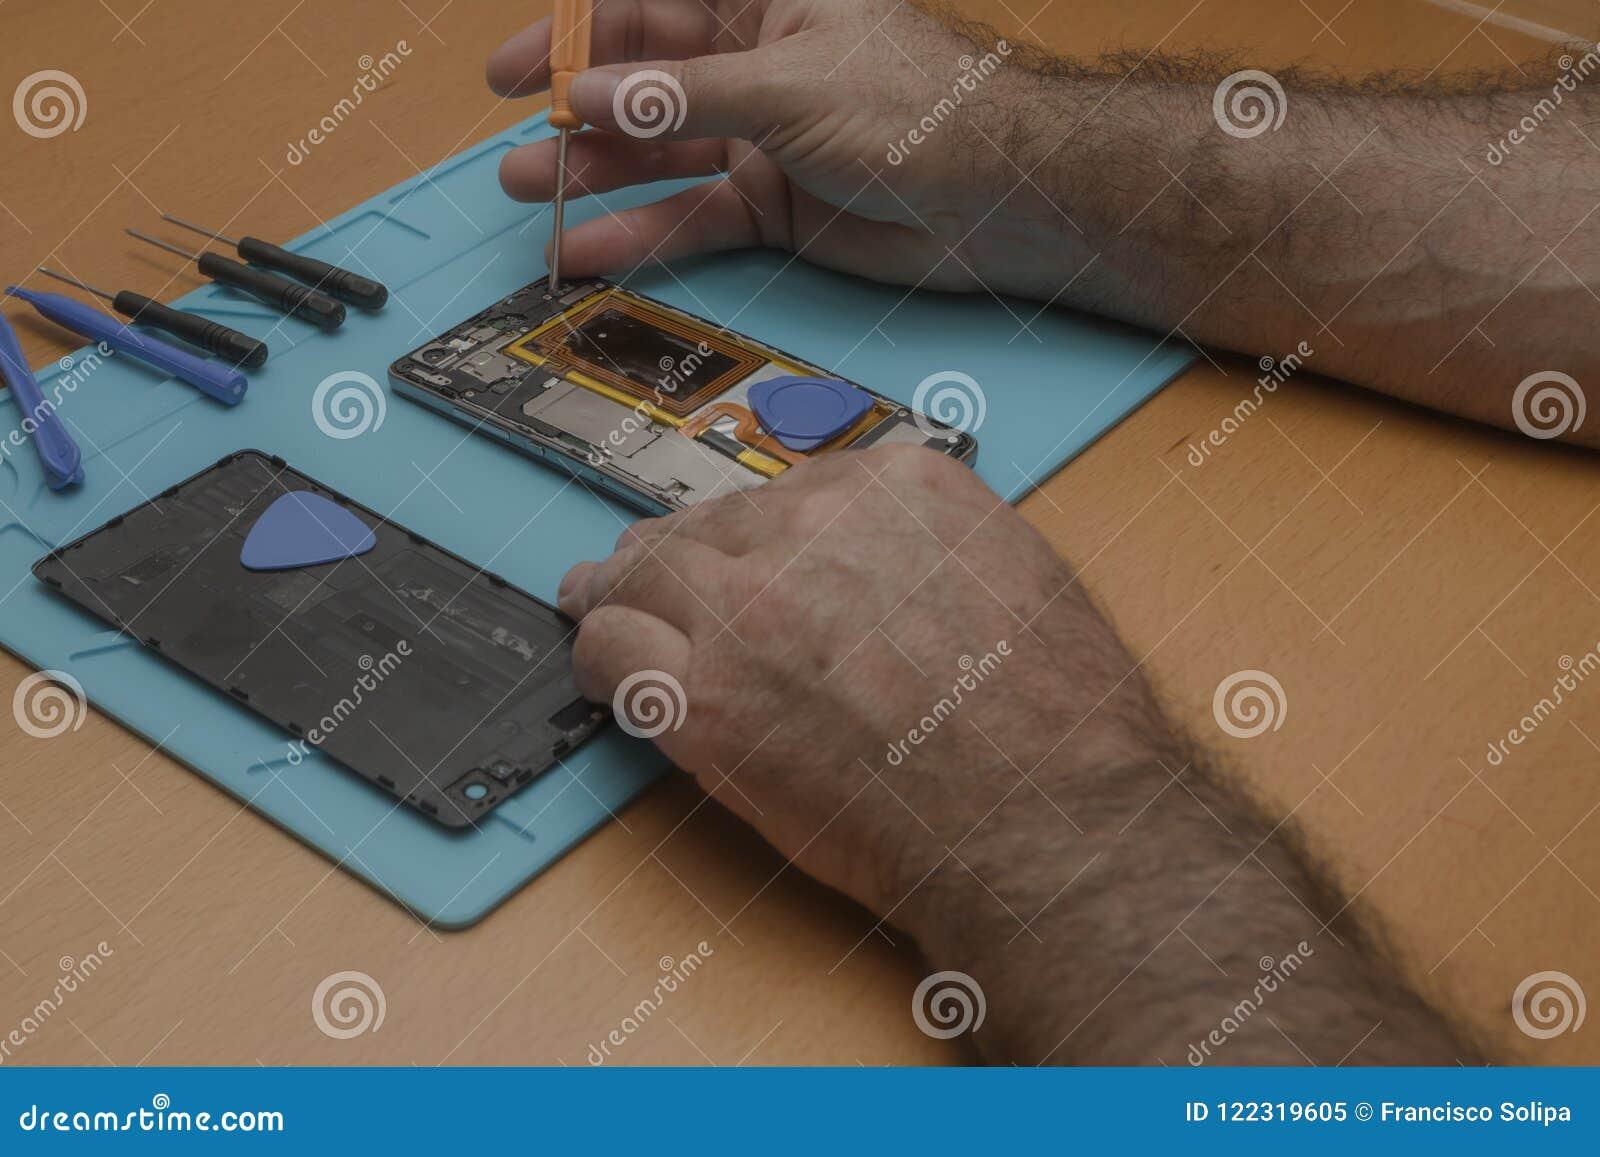 Foto del primer del técnico Hand Repairing Cellphone